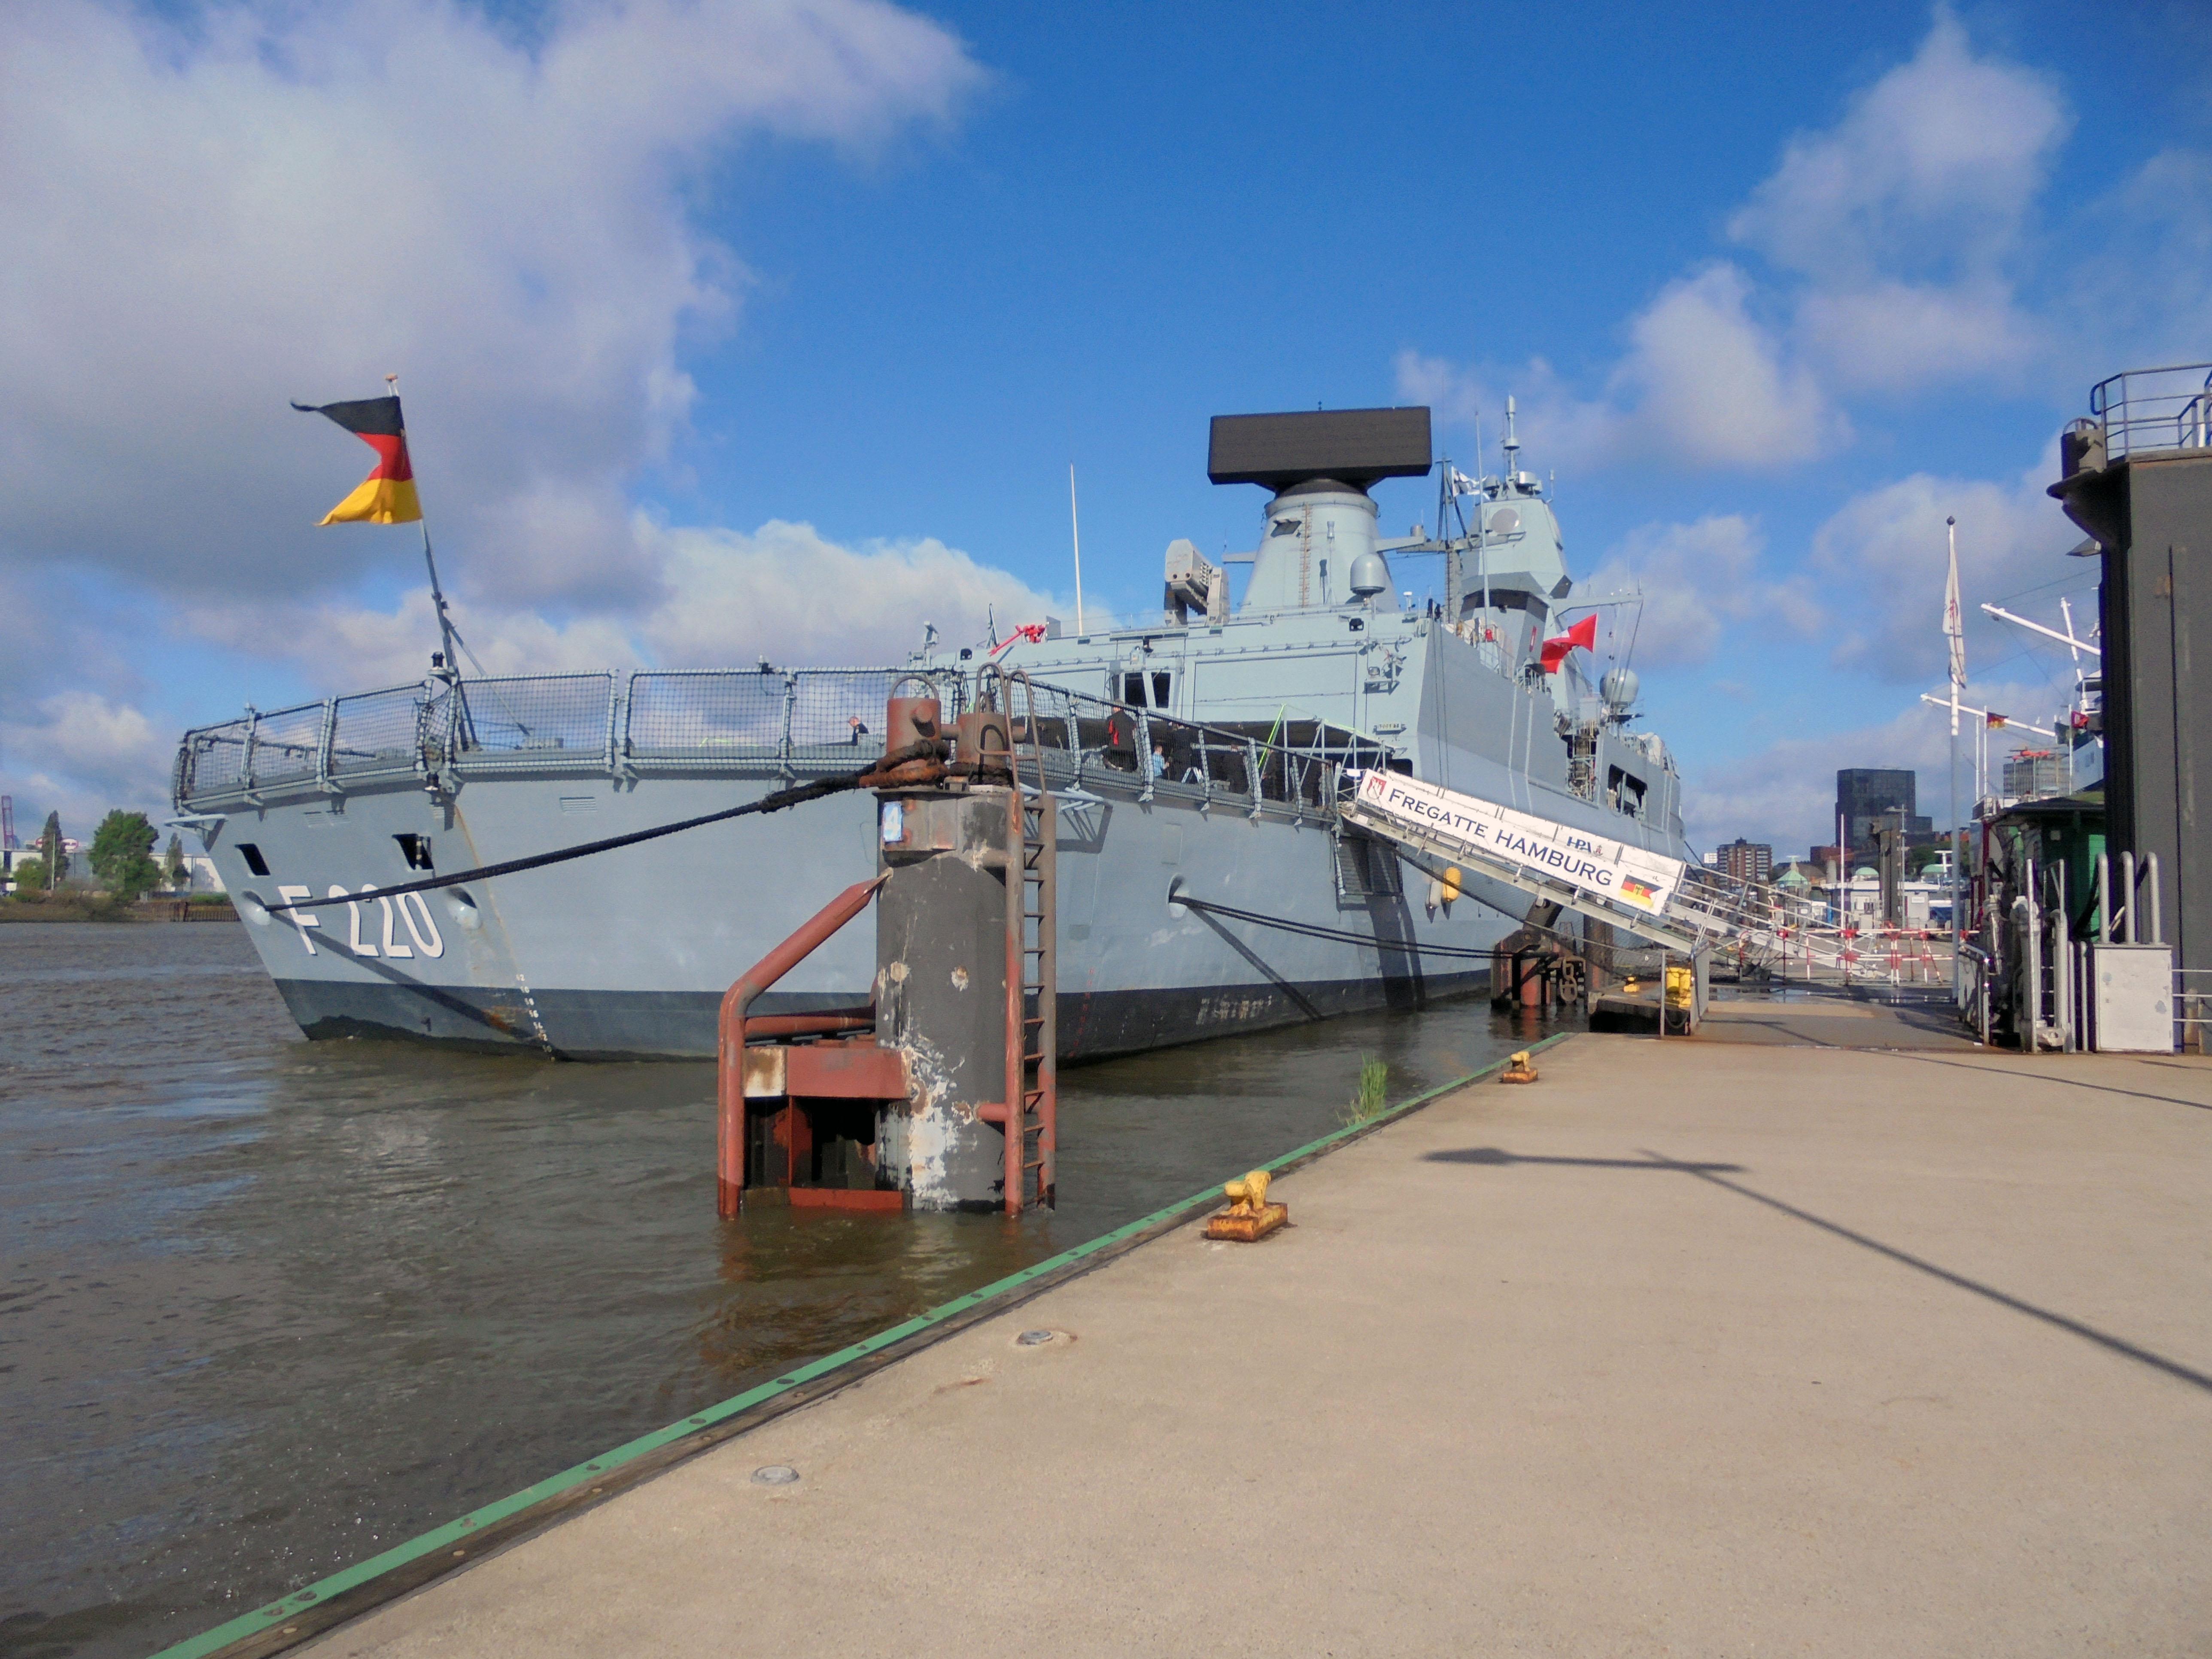 Die Fregatte HAMBURG zu Besuch in ihrer Patenstadt Hamburg zum 15. Jahrestag ihrer Indienststellung. Hier an der Überseebrücke. Foto: Günther Olomski.